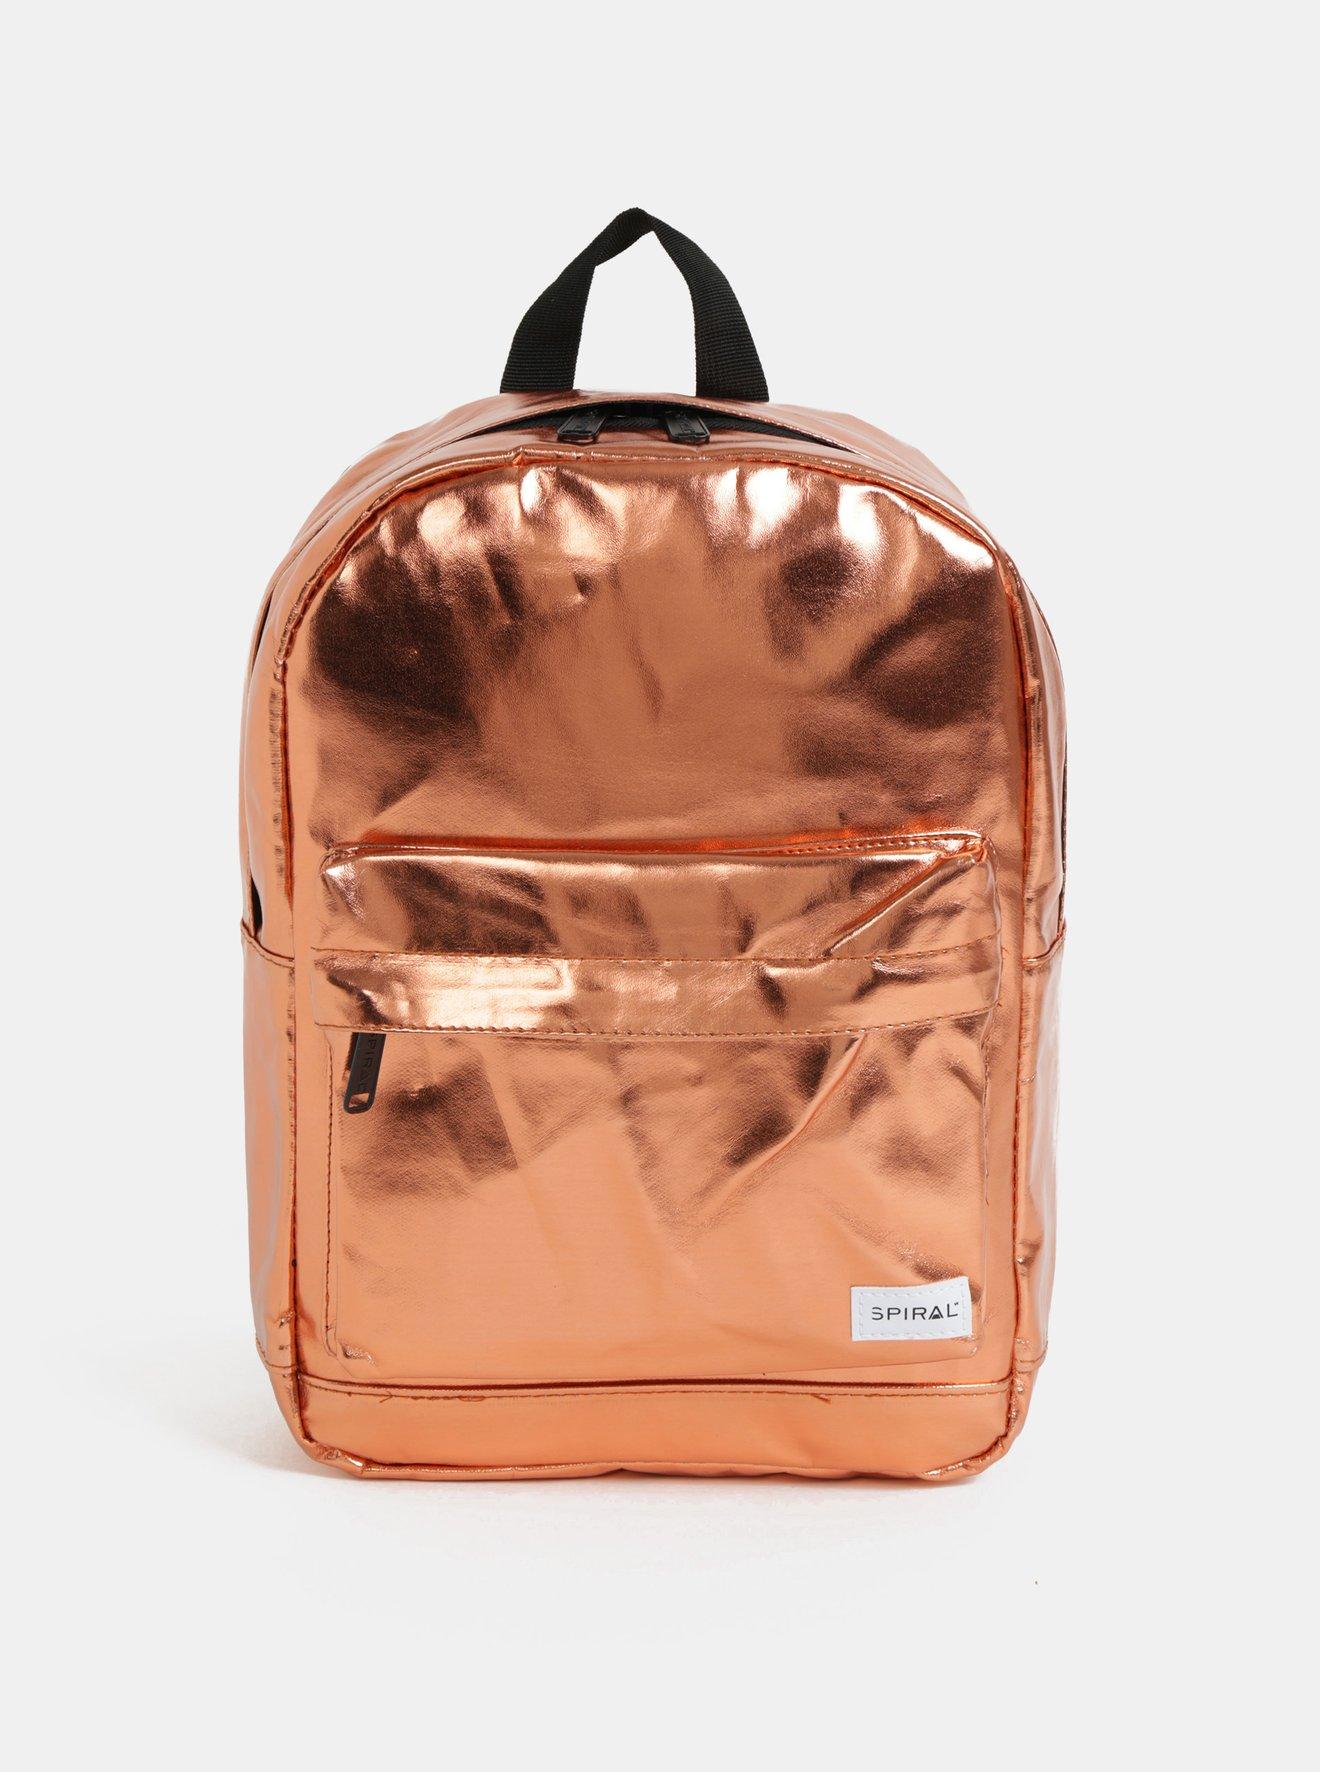 Oranžový dámský lesklý batoh Spiral Mini 9 l